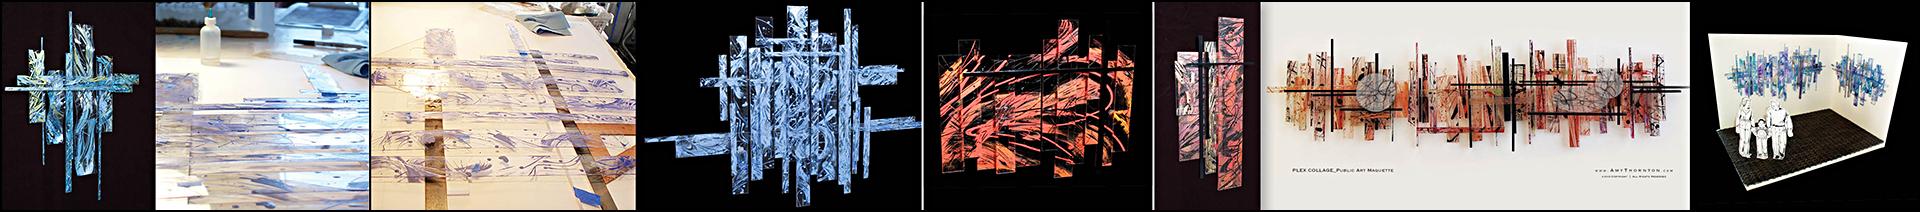 Amy Thornton Art Plexiglas Panel Paintings